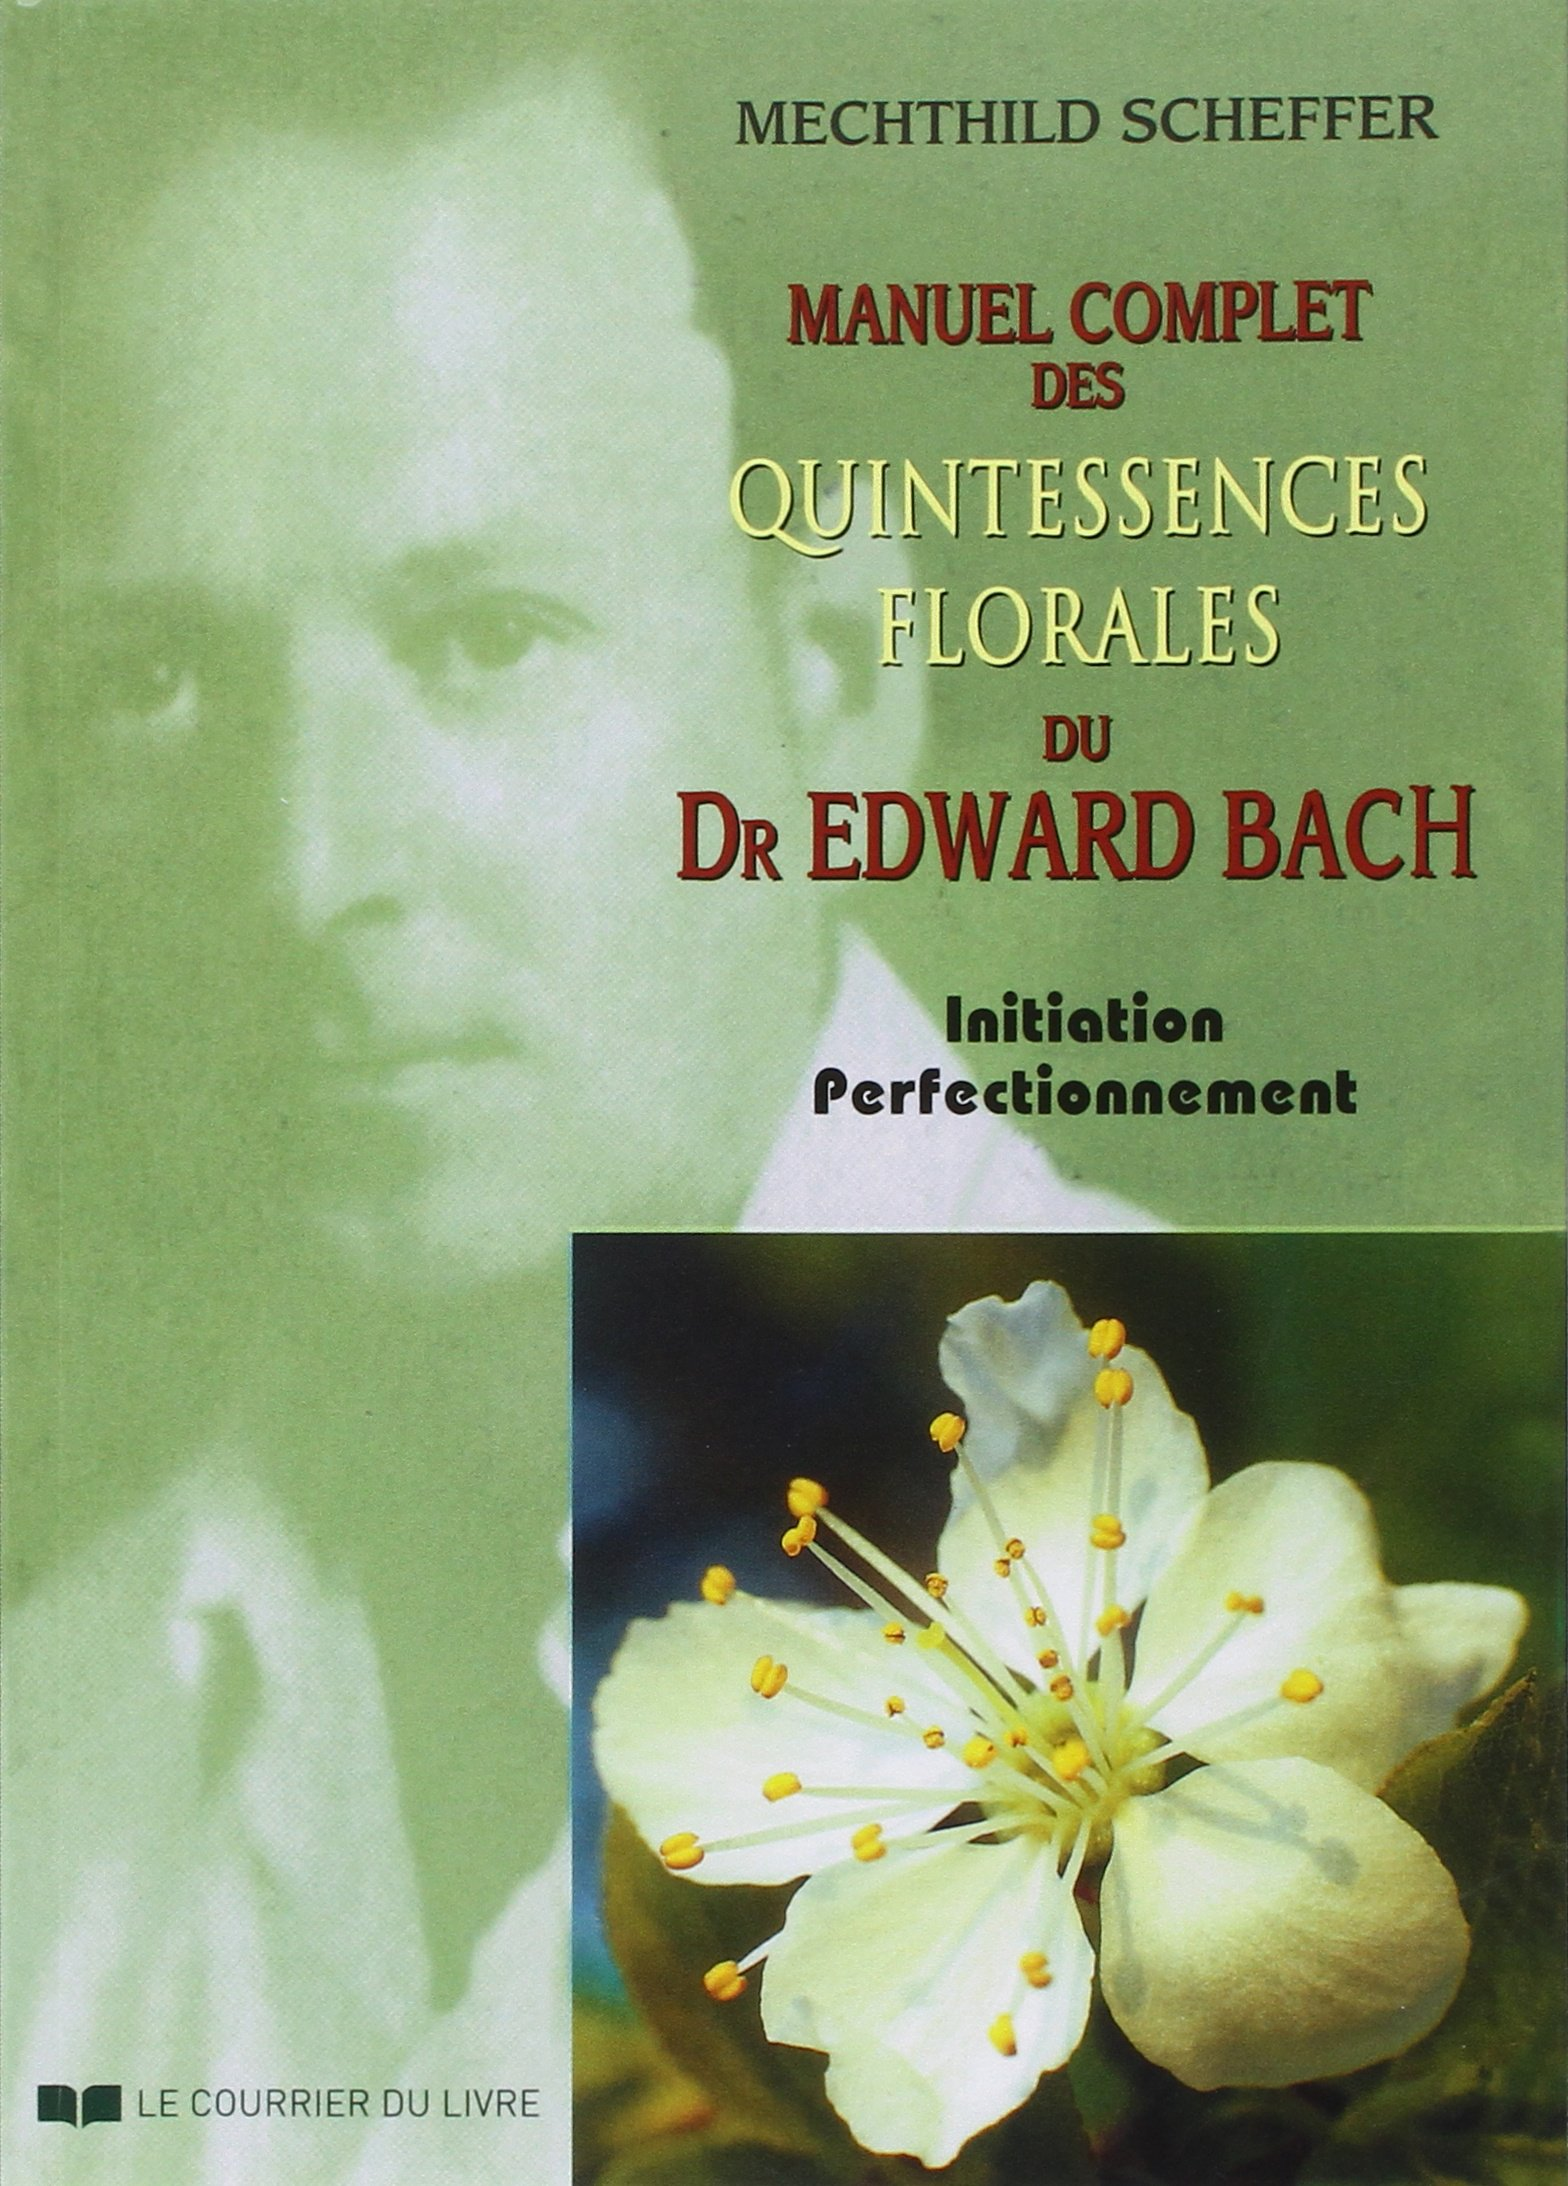 Amazon.fr , Manuel complet des quintessences florales du Dr Edward Bach   Initiation, perfectionnement , Mechthild Scheffer, Erika Laïs , Livres